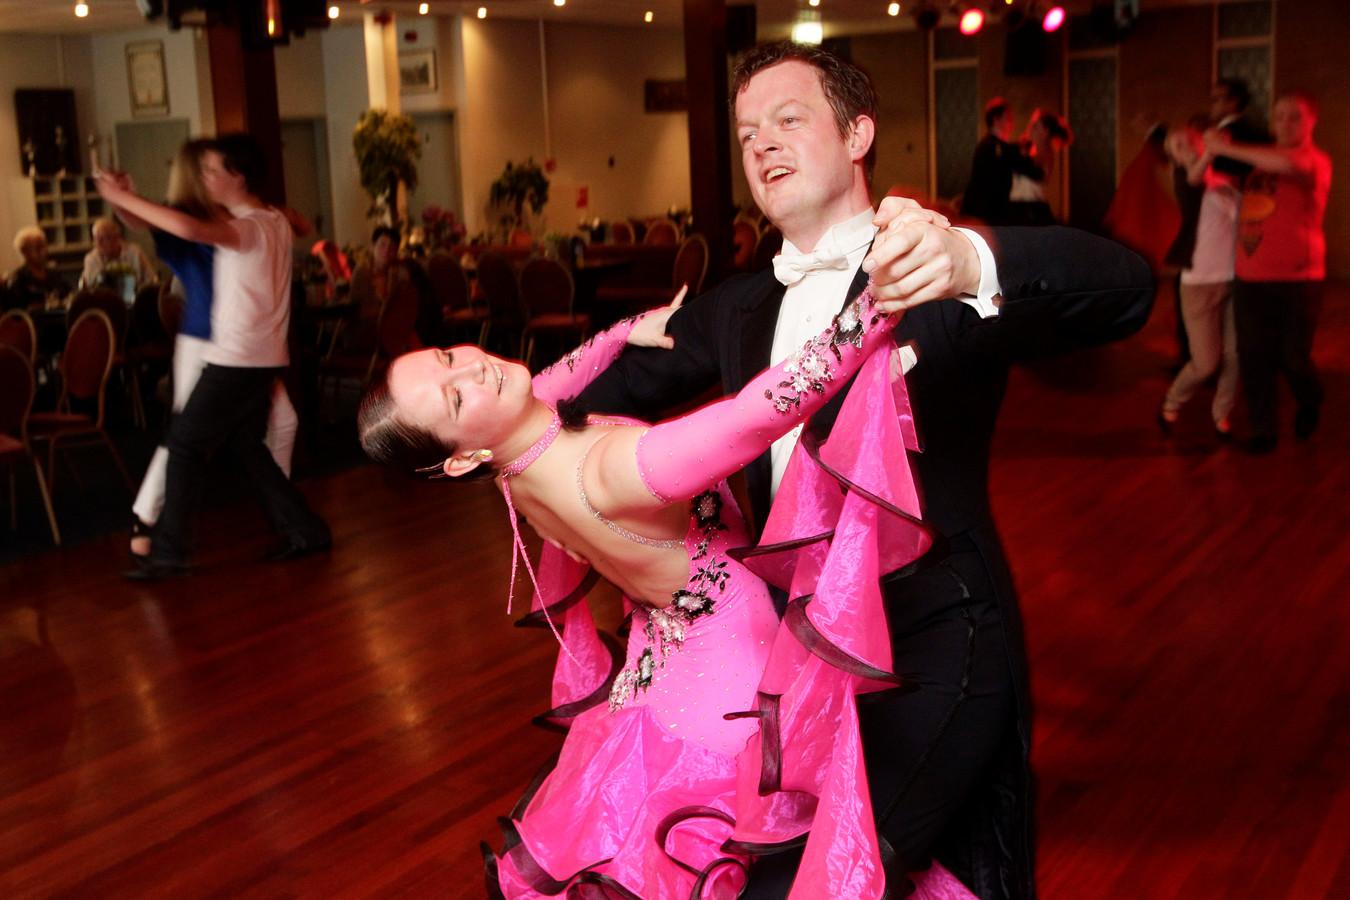 Na 22 december wordt er niet meer gedanst bij Veenstra.